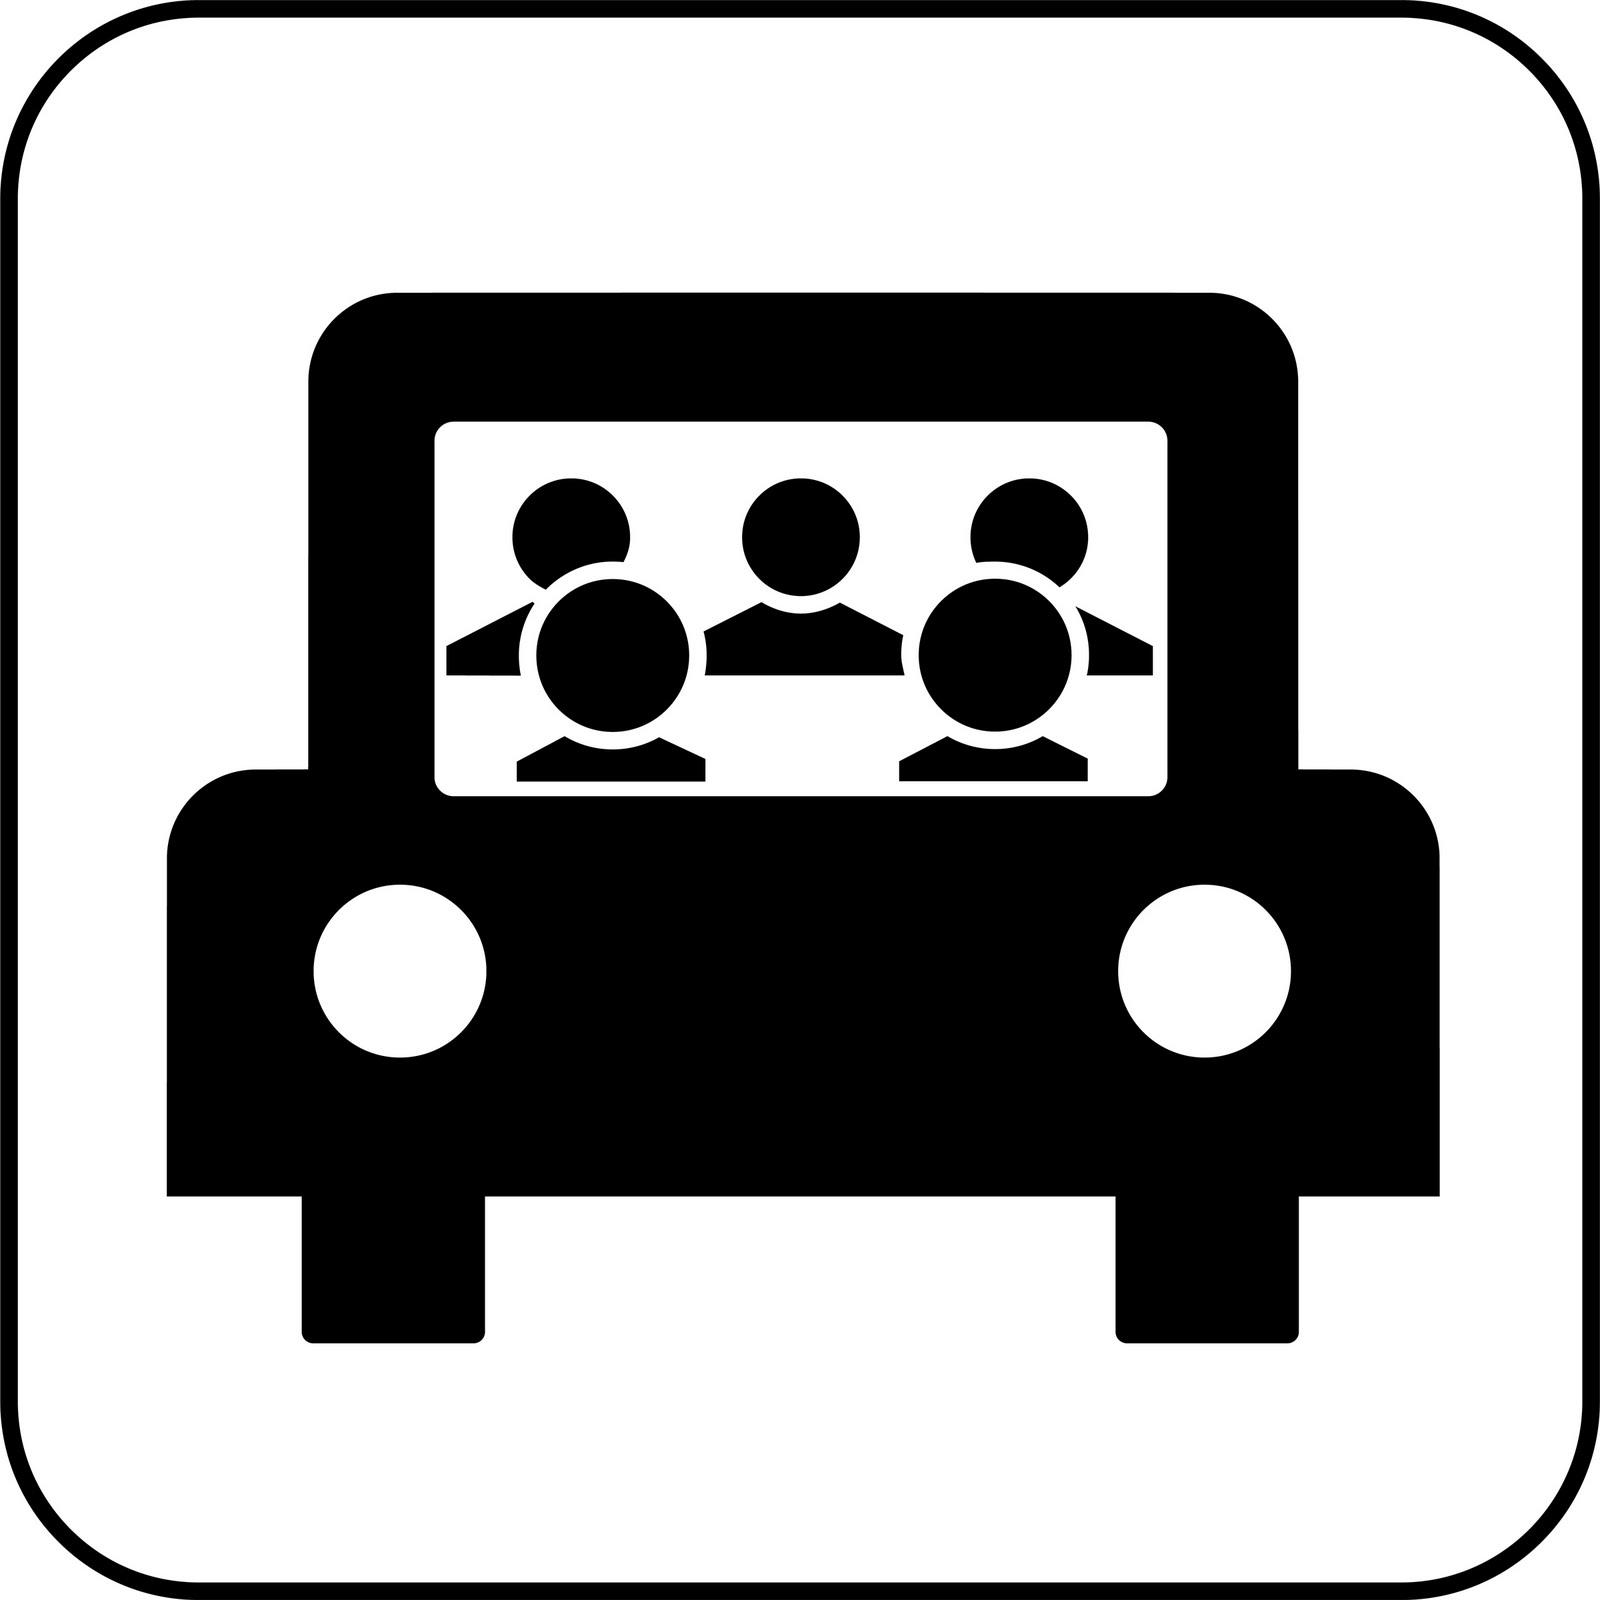 carpool clip art clipart panda free clipart images rh clipartpanda com carpool clipart carpool clipart